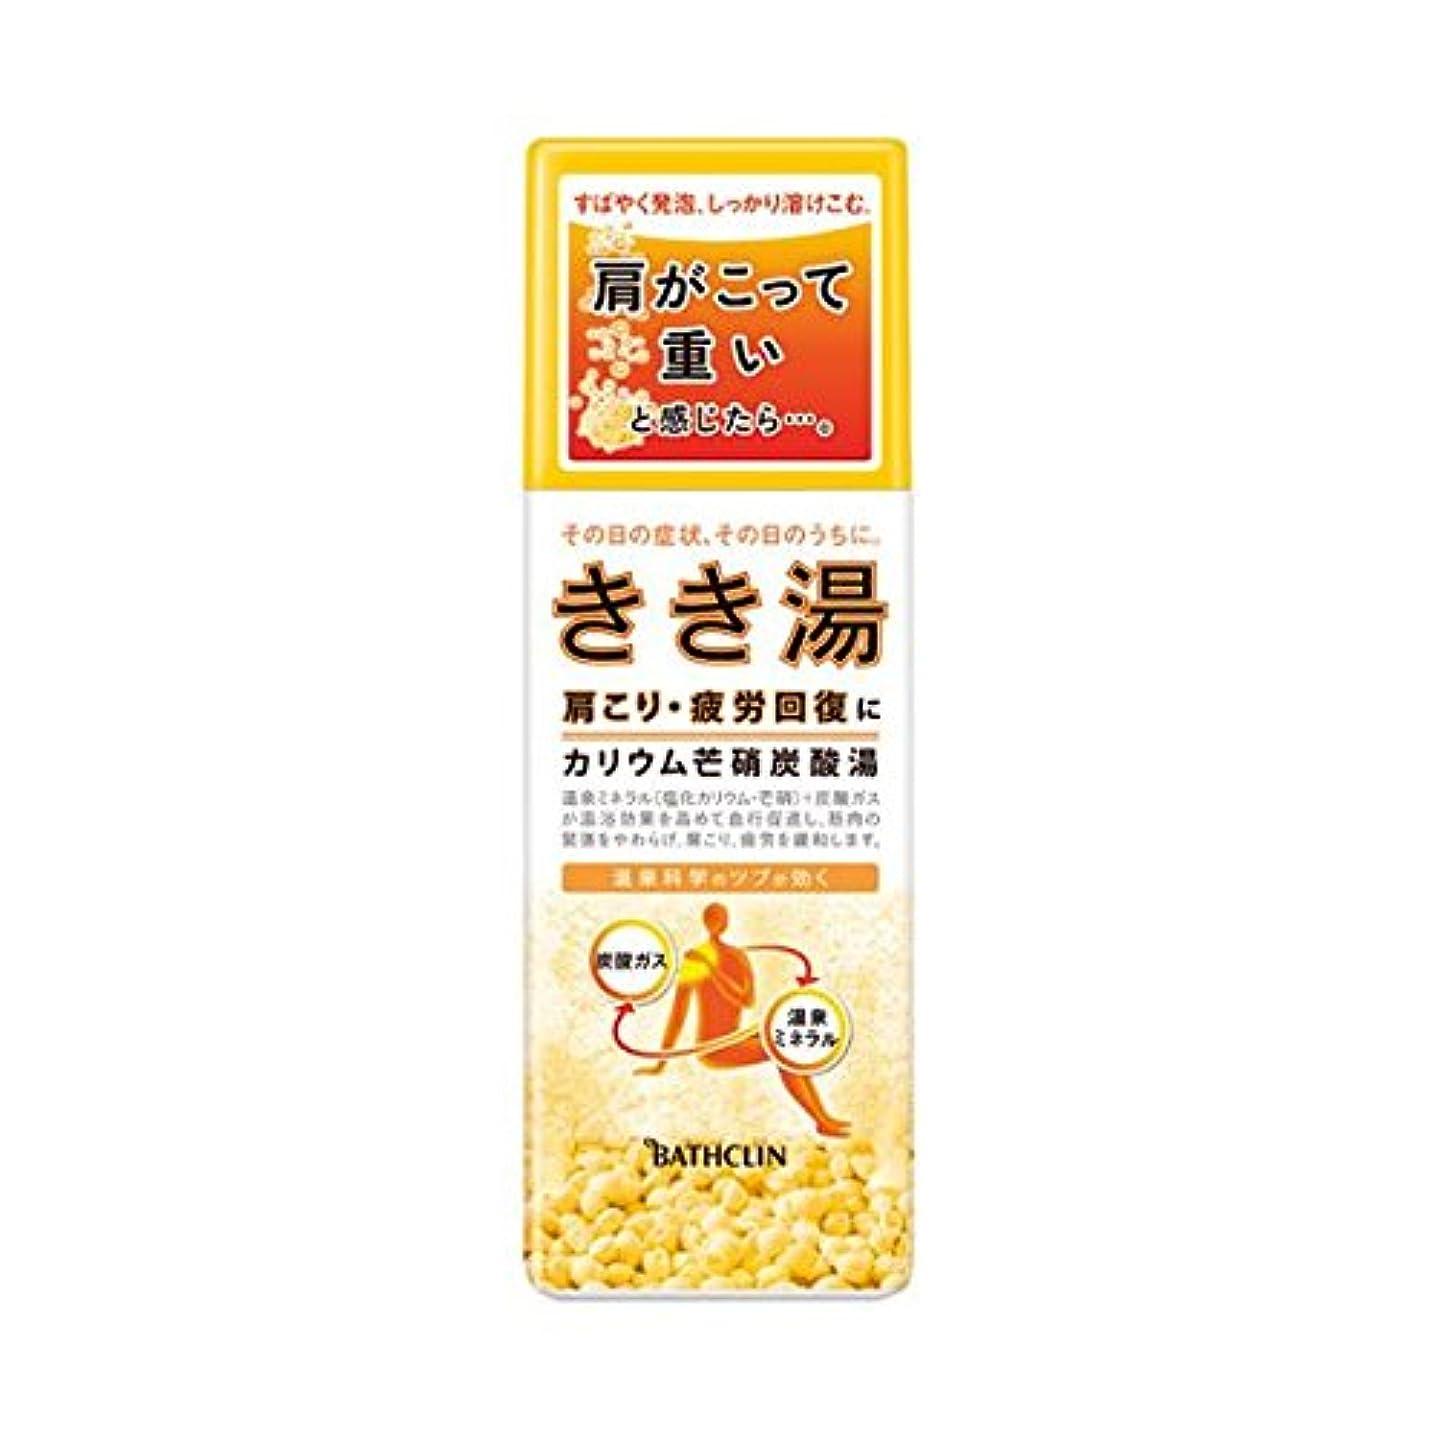 蜜対応残高きき湯 カリウム芒硝炭酸湯 × 10個セット